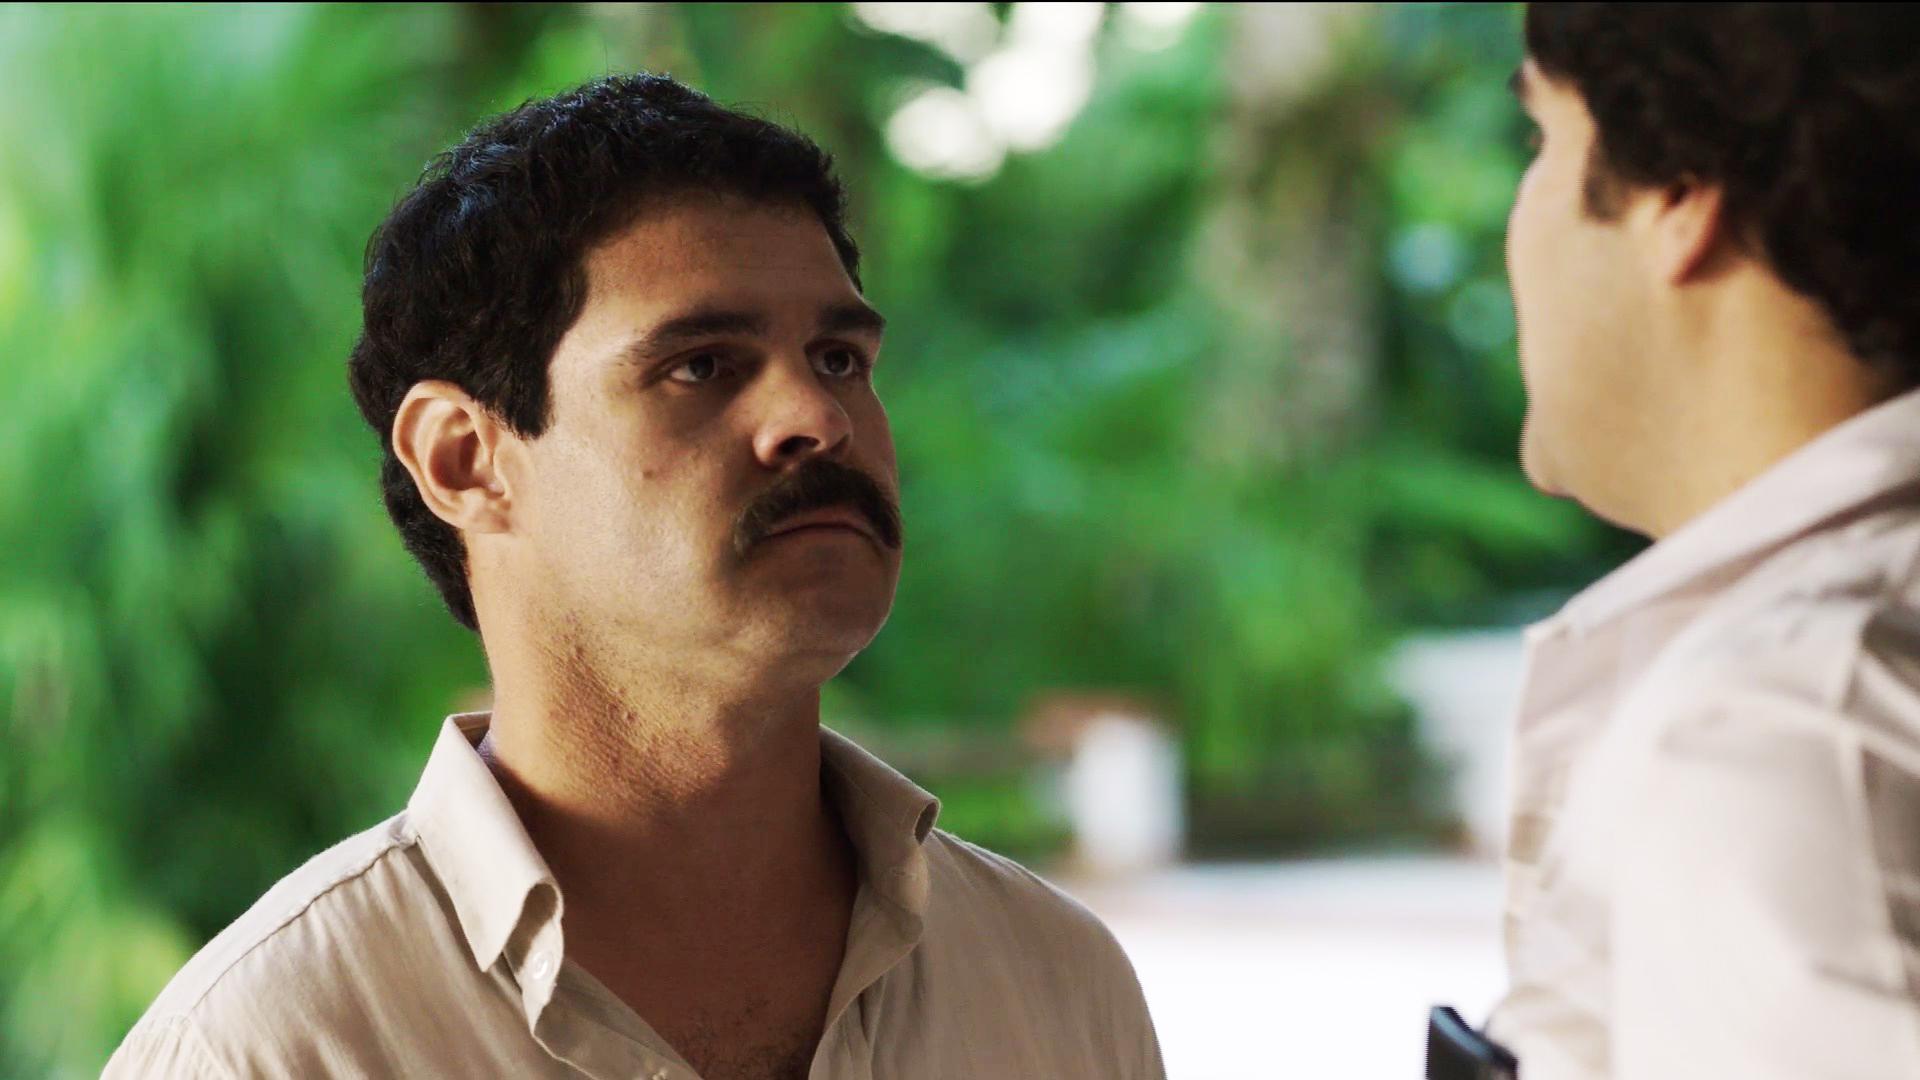 Serie 'El Chapo' capitulo 1 | El Chapo | Series El Chapo